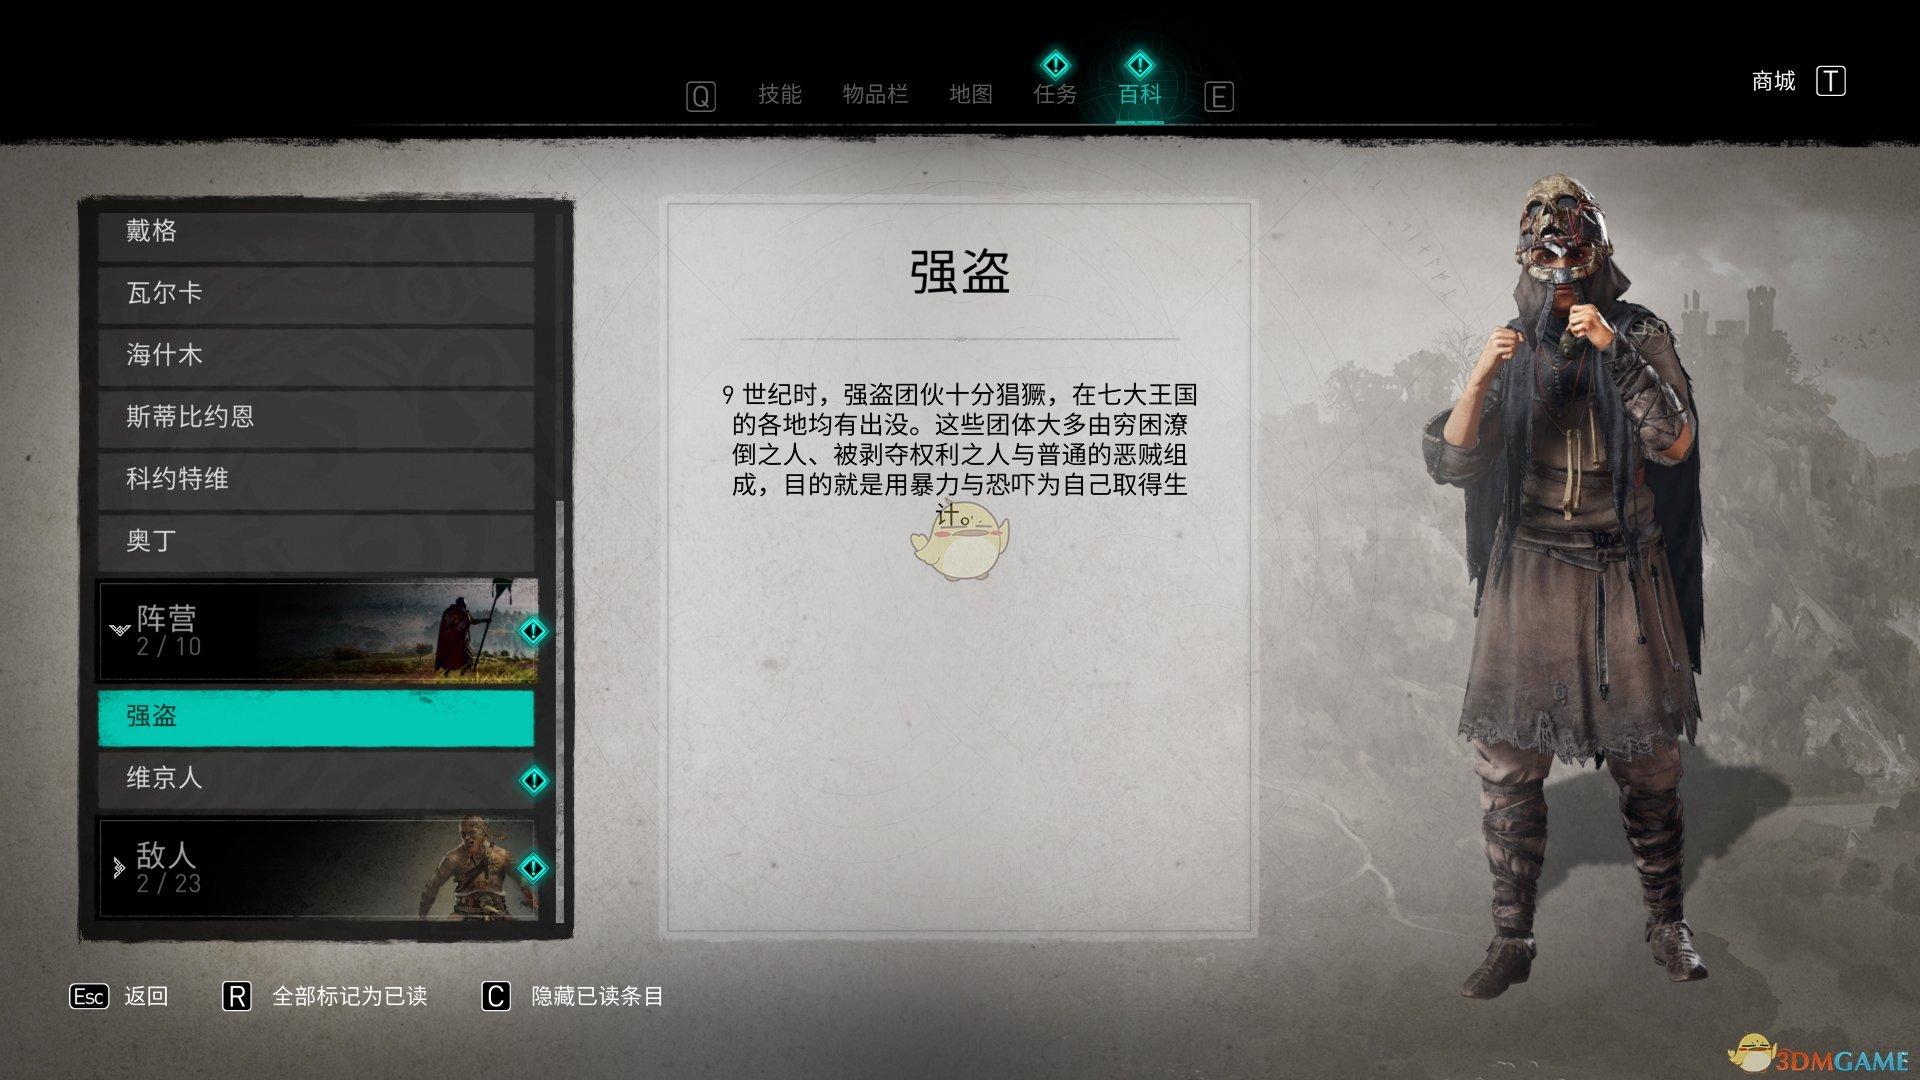 《刺客信条:英灵殿》强盗阵营介绍